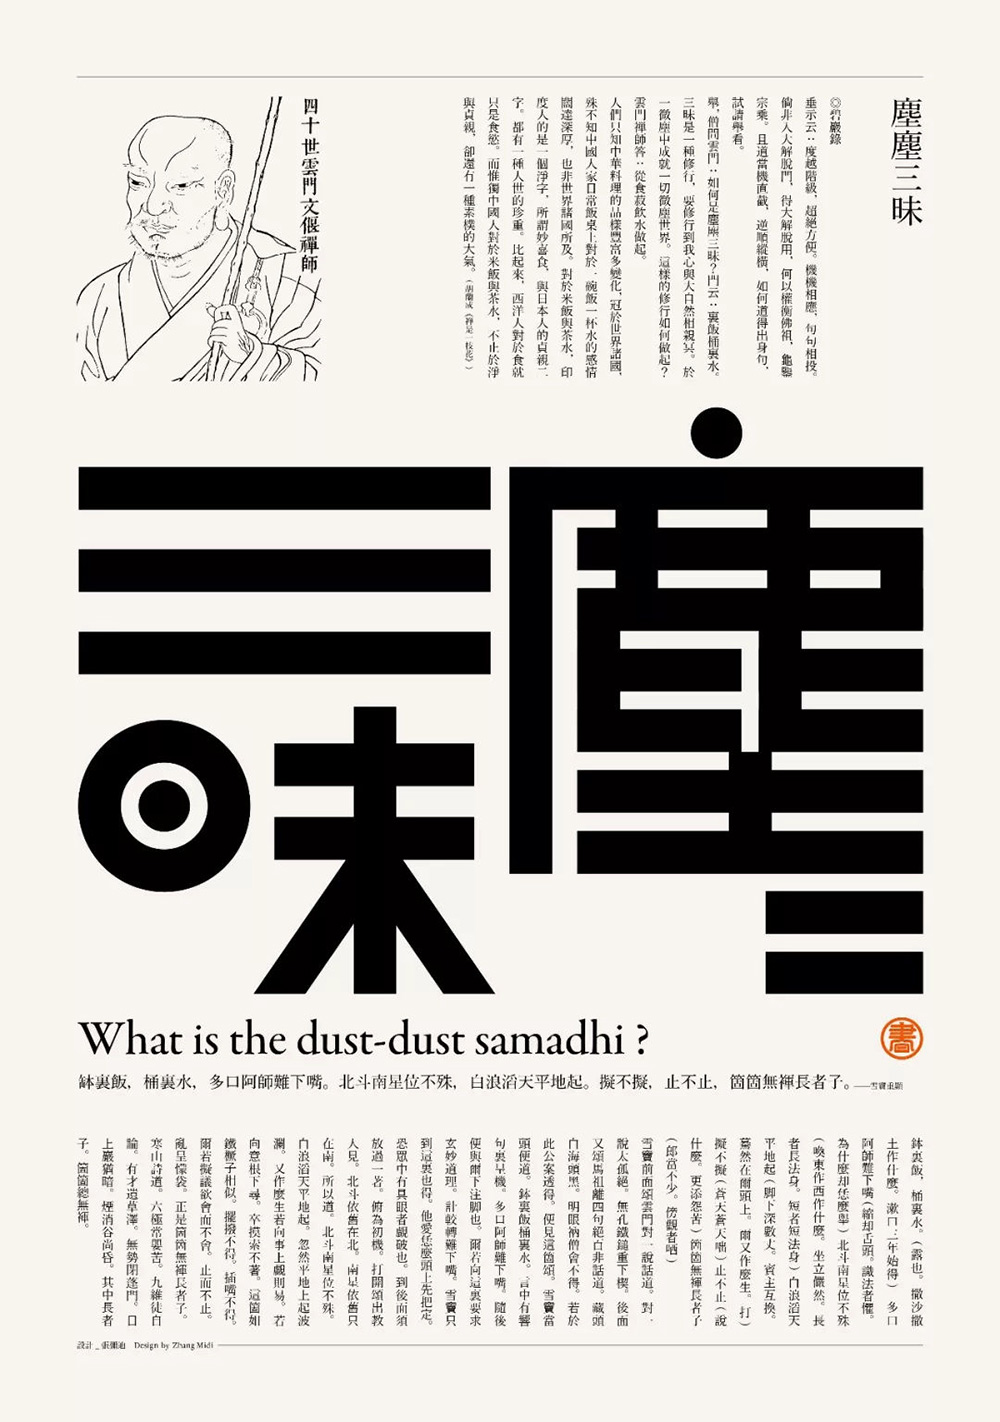 来自「聿书堂」的文字禅系列海报